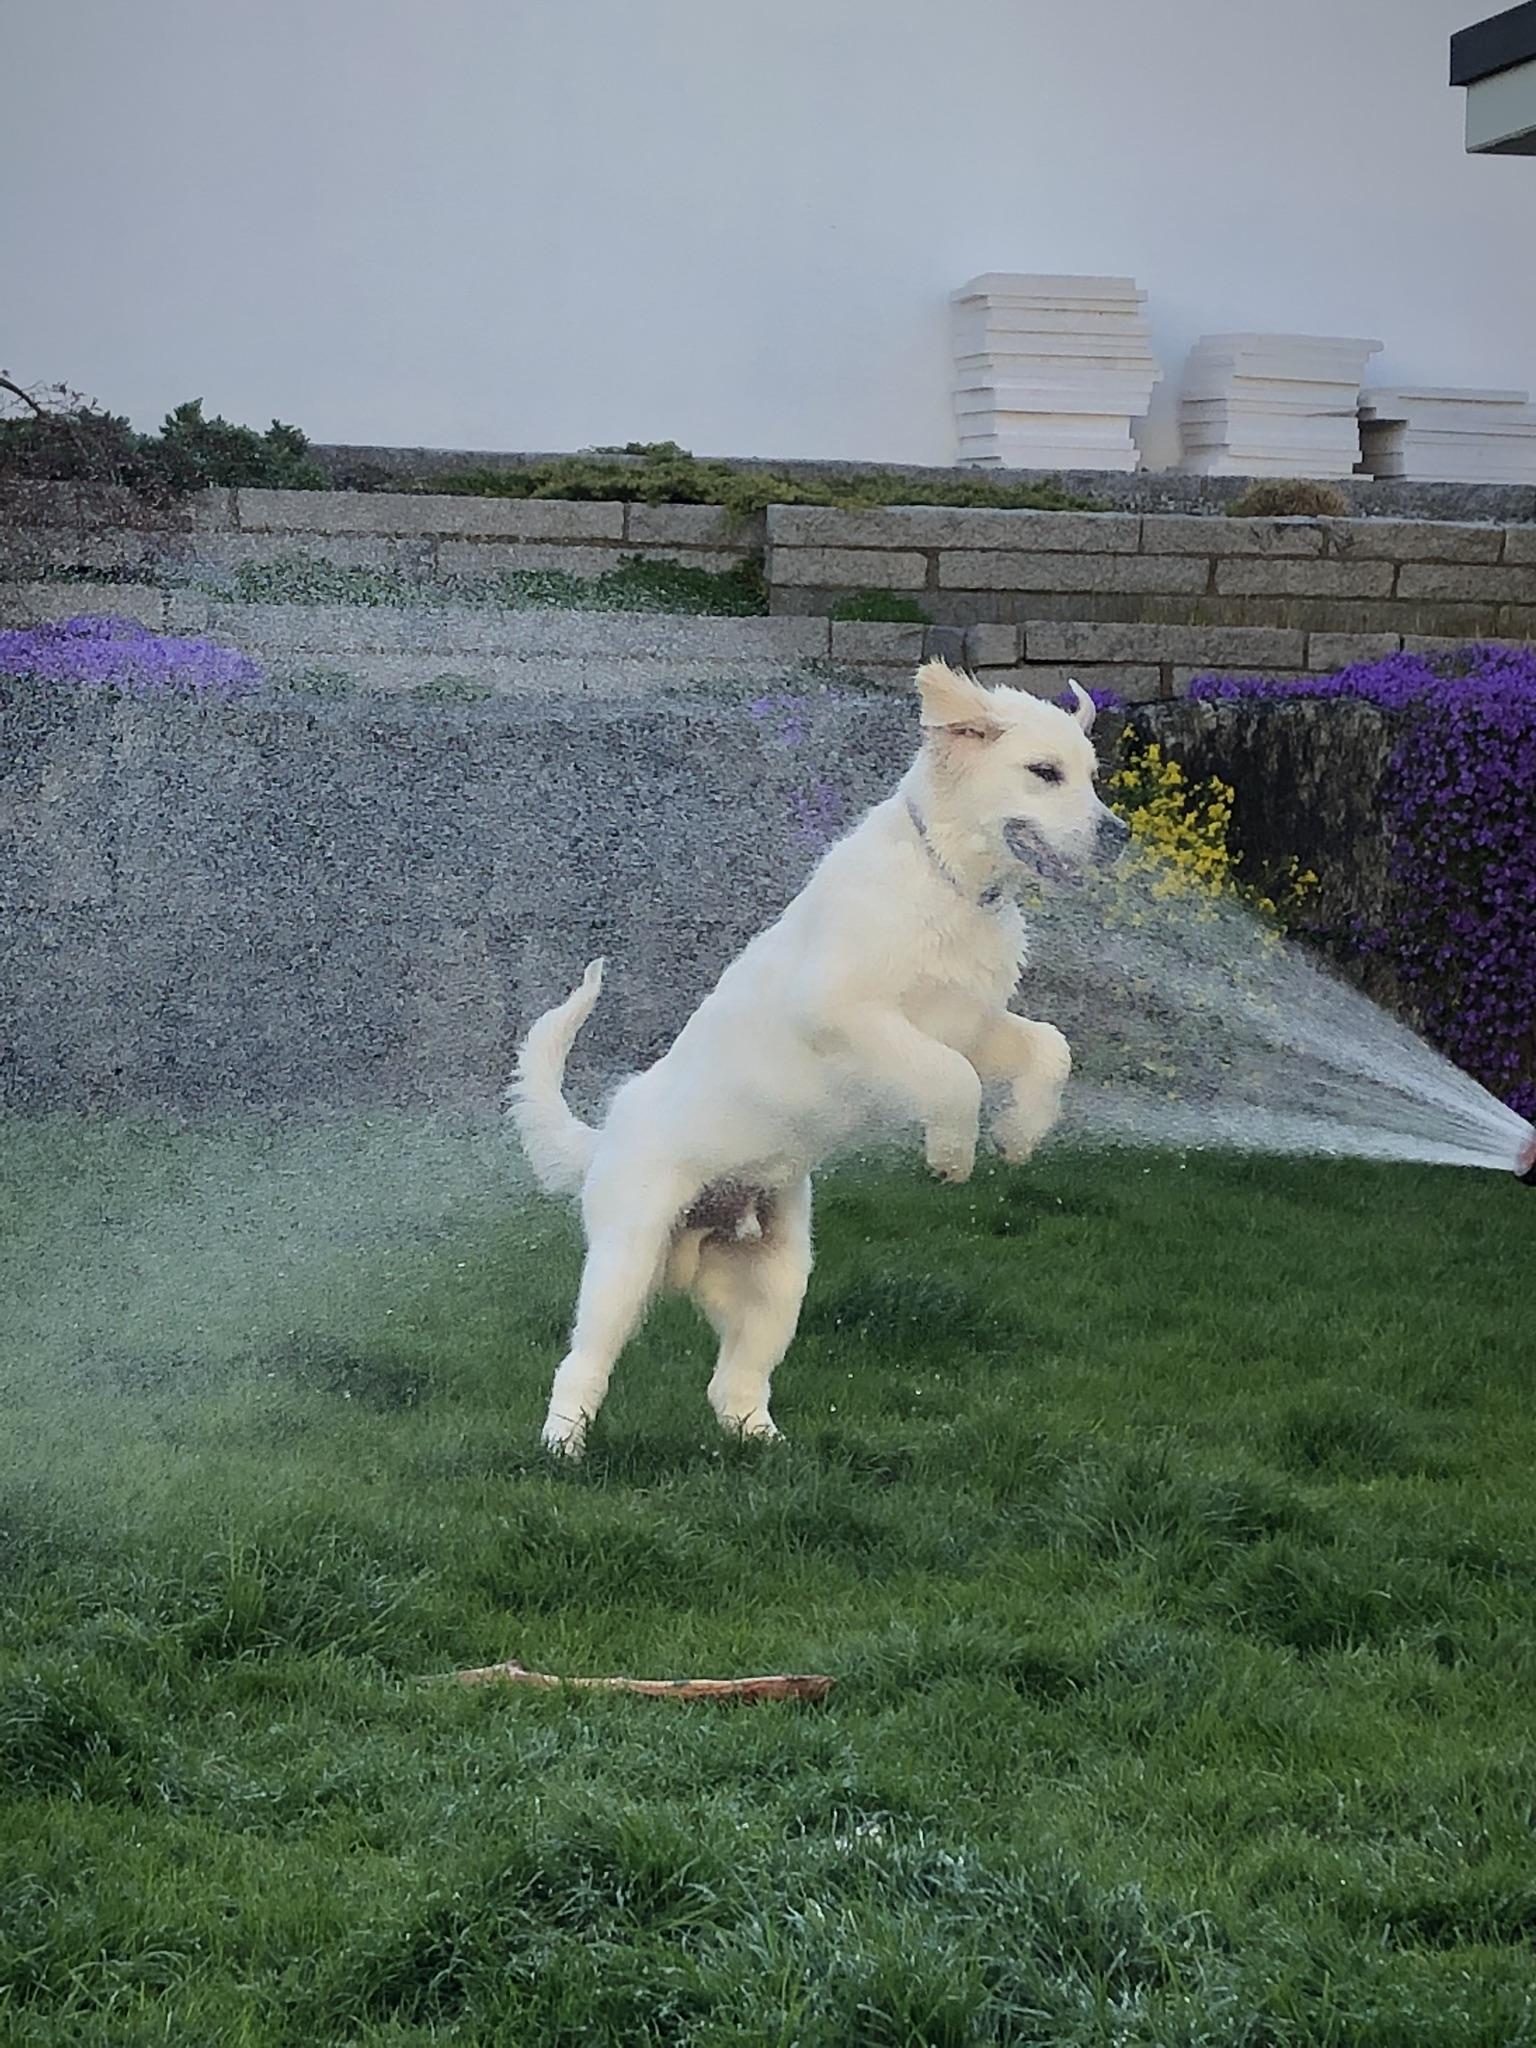 Wasserparty im Garten... darüber freue ich mich immer wieder!!